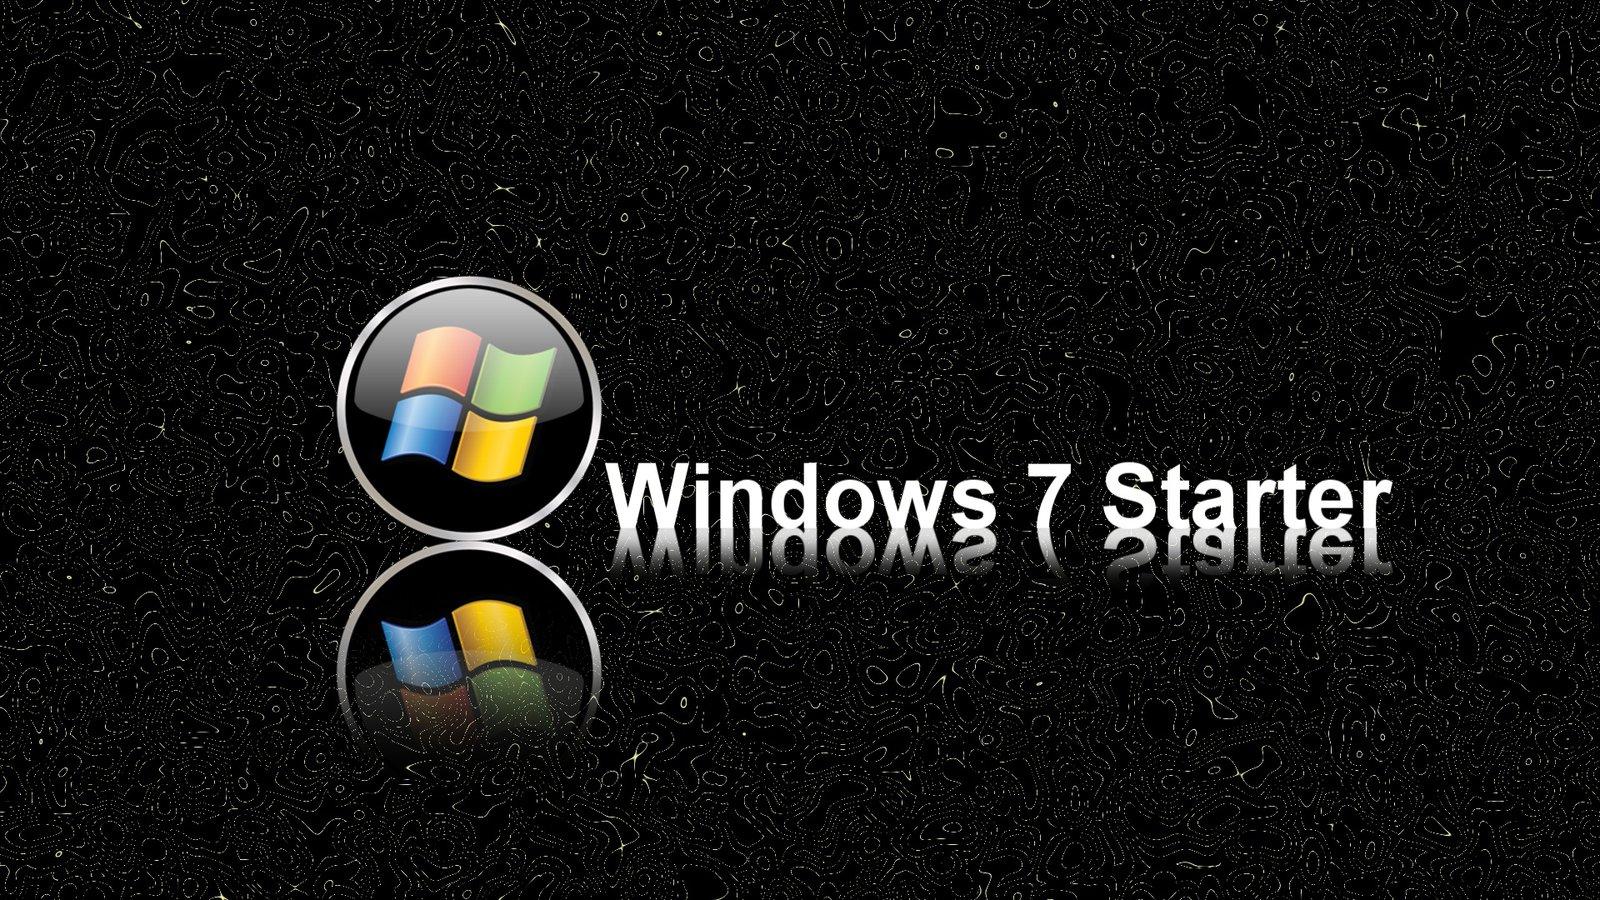 Windows 7 Starter wallpaper by Windows7StarterFan on deviantART 1600x900